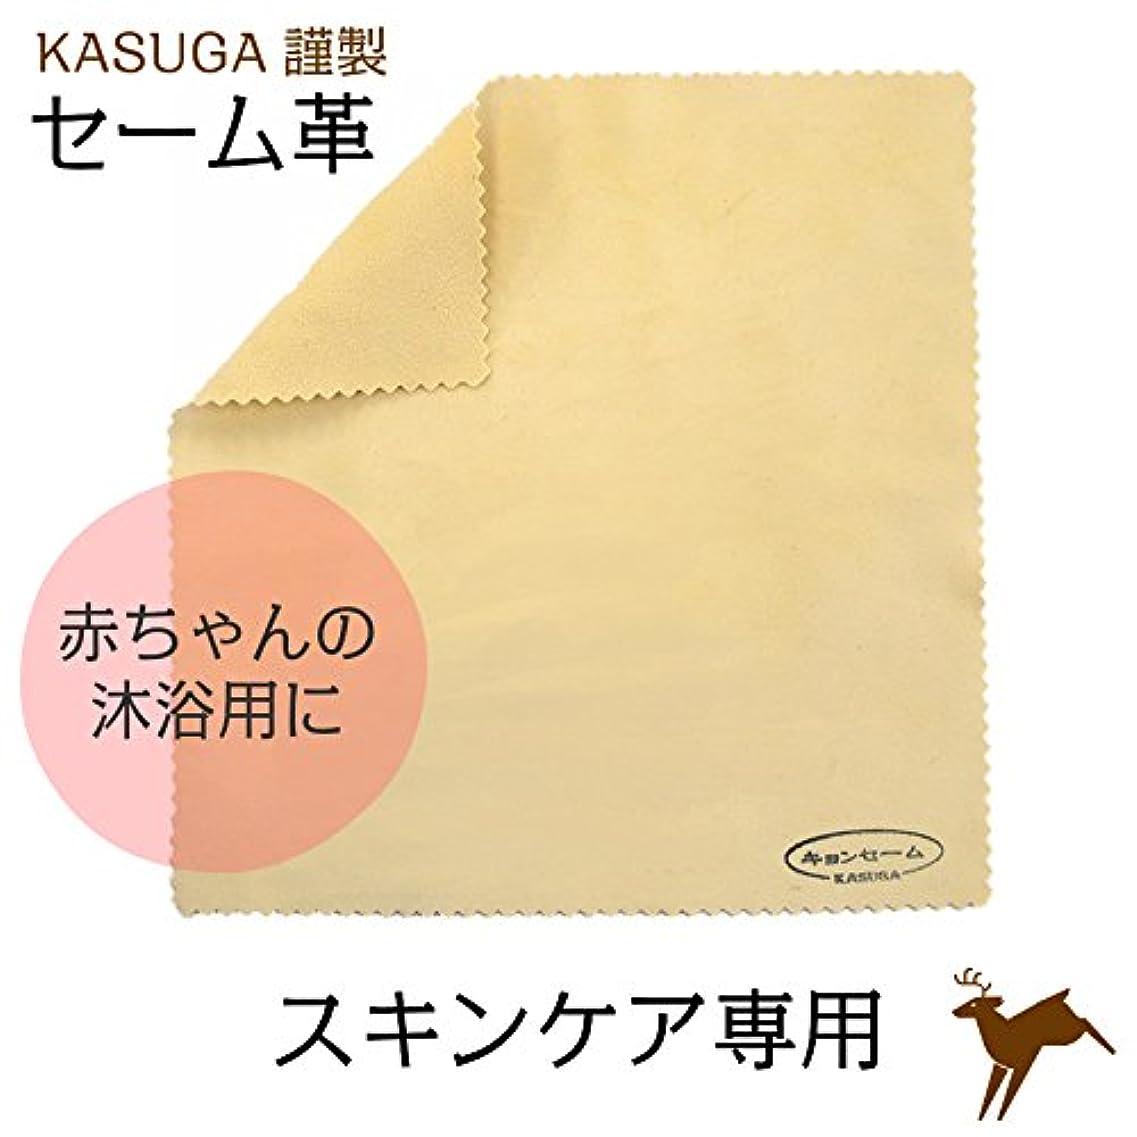 見捨てられた想定潜在的な春日カスガ謹製 スキンケア専用キョンセーム革 20cm×20cm